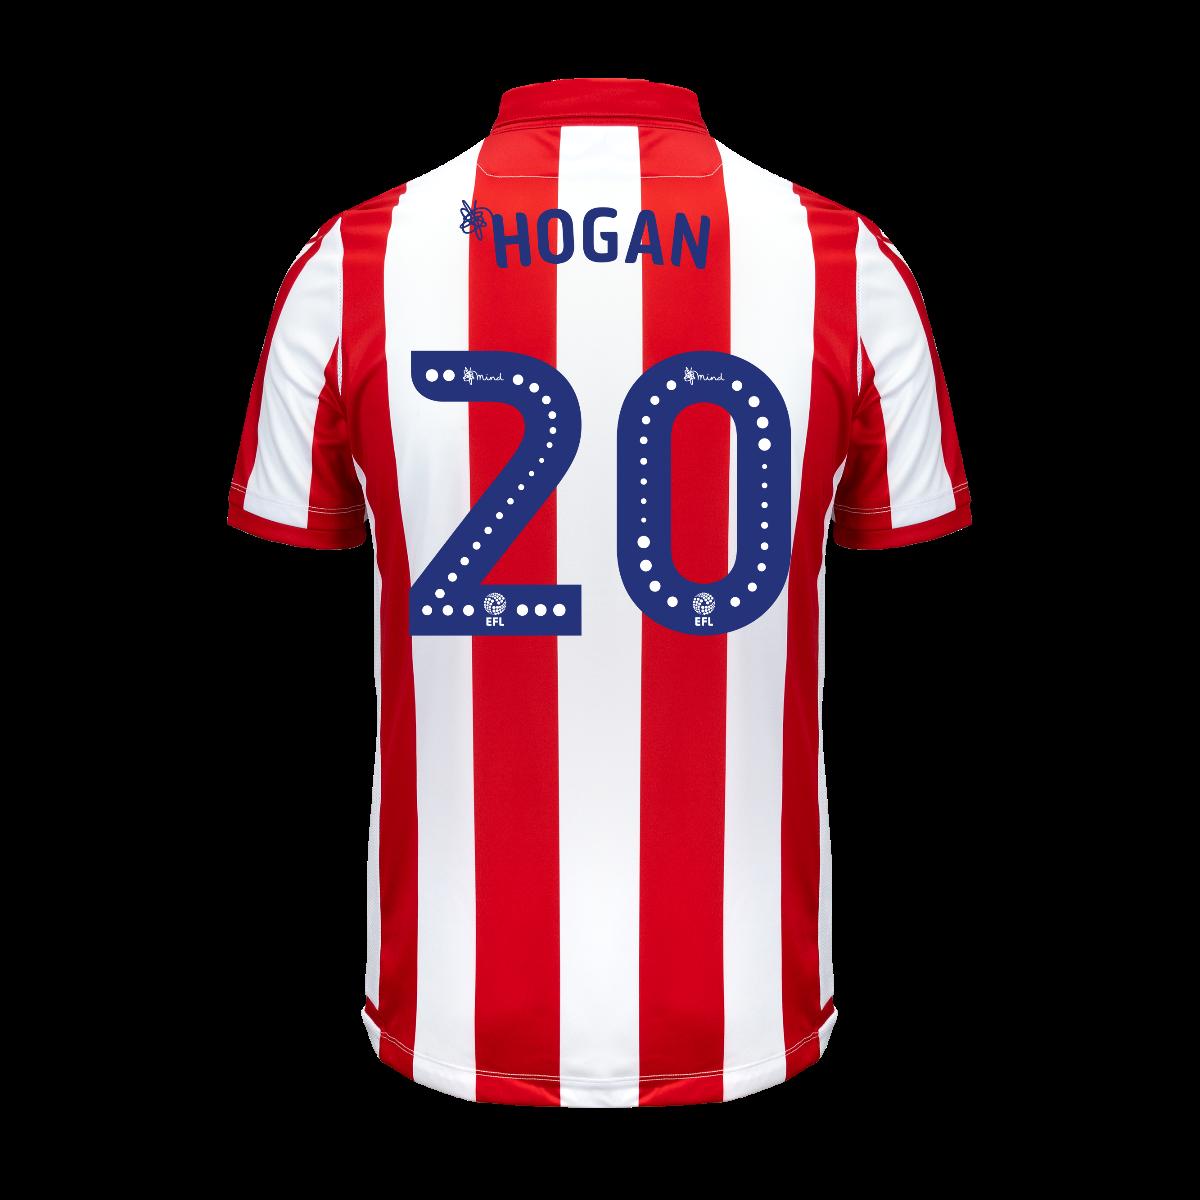 2019/20 Adult Home SS Shirt - Hogan